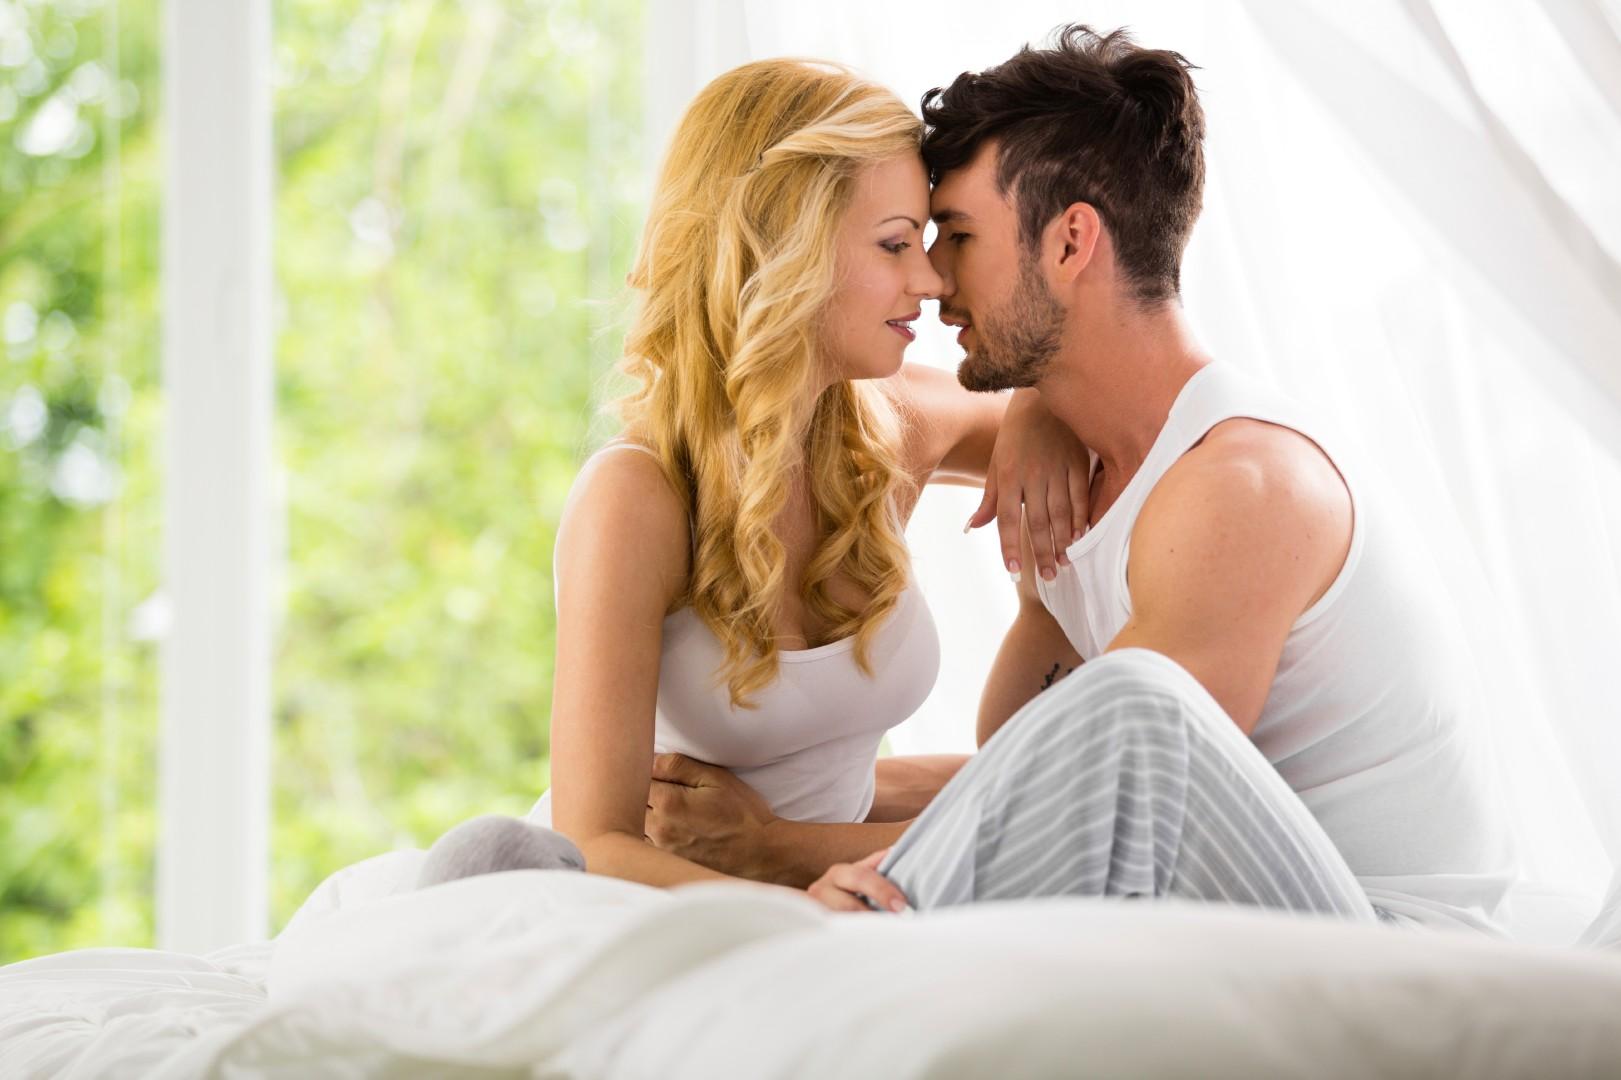 coppia sex programmi televisivi hot